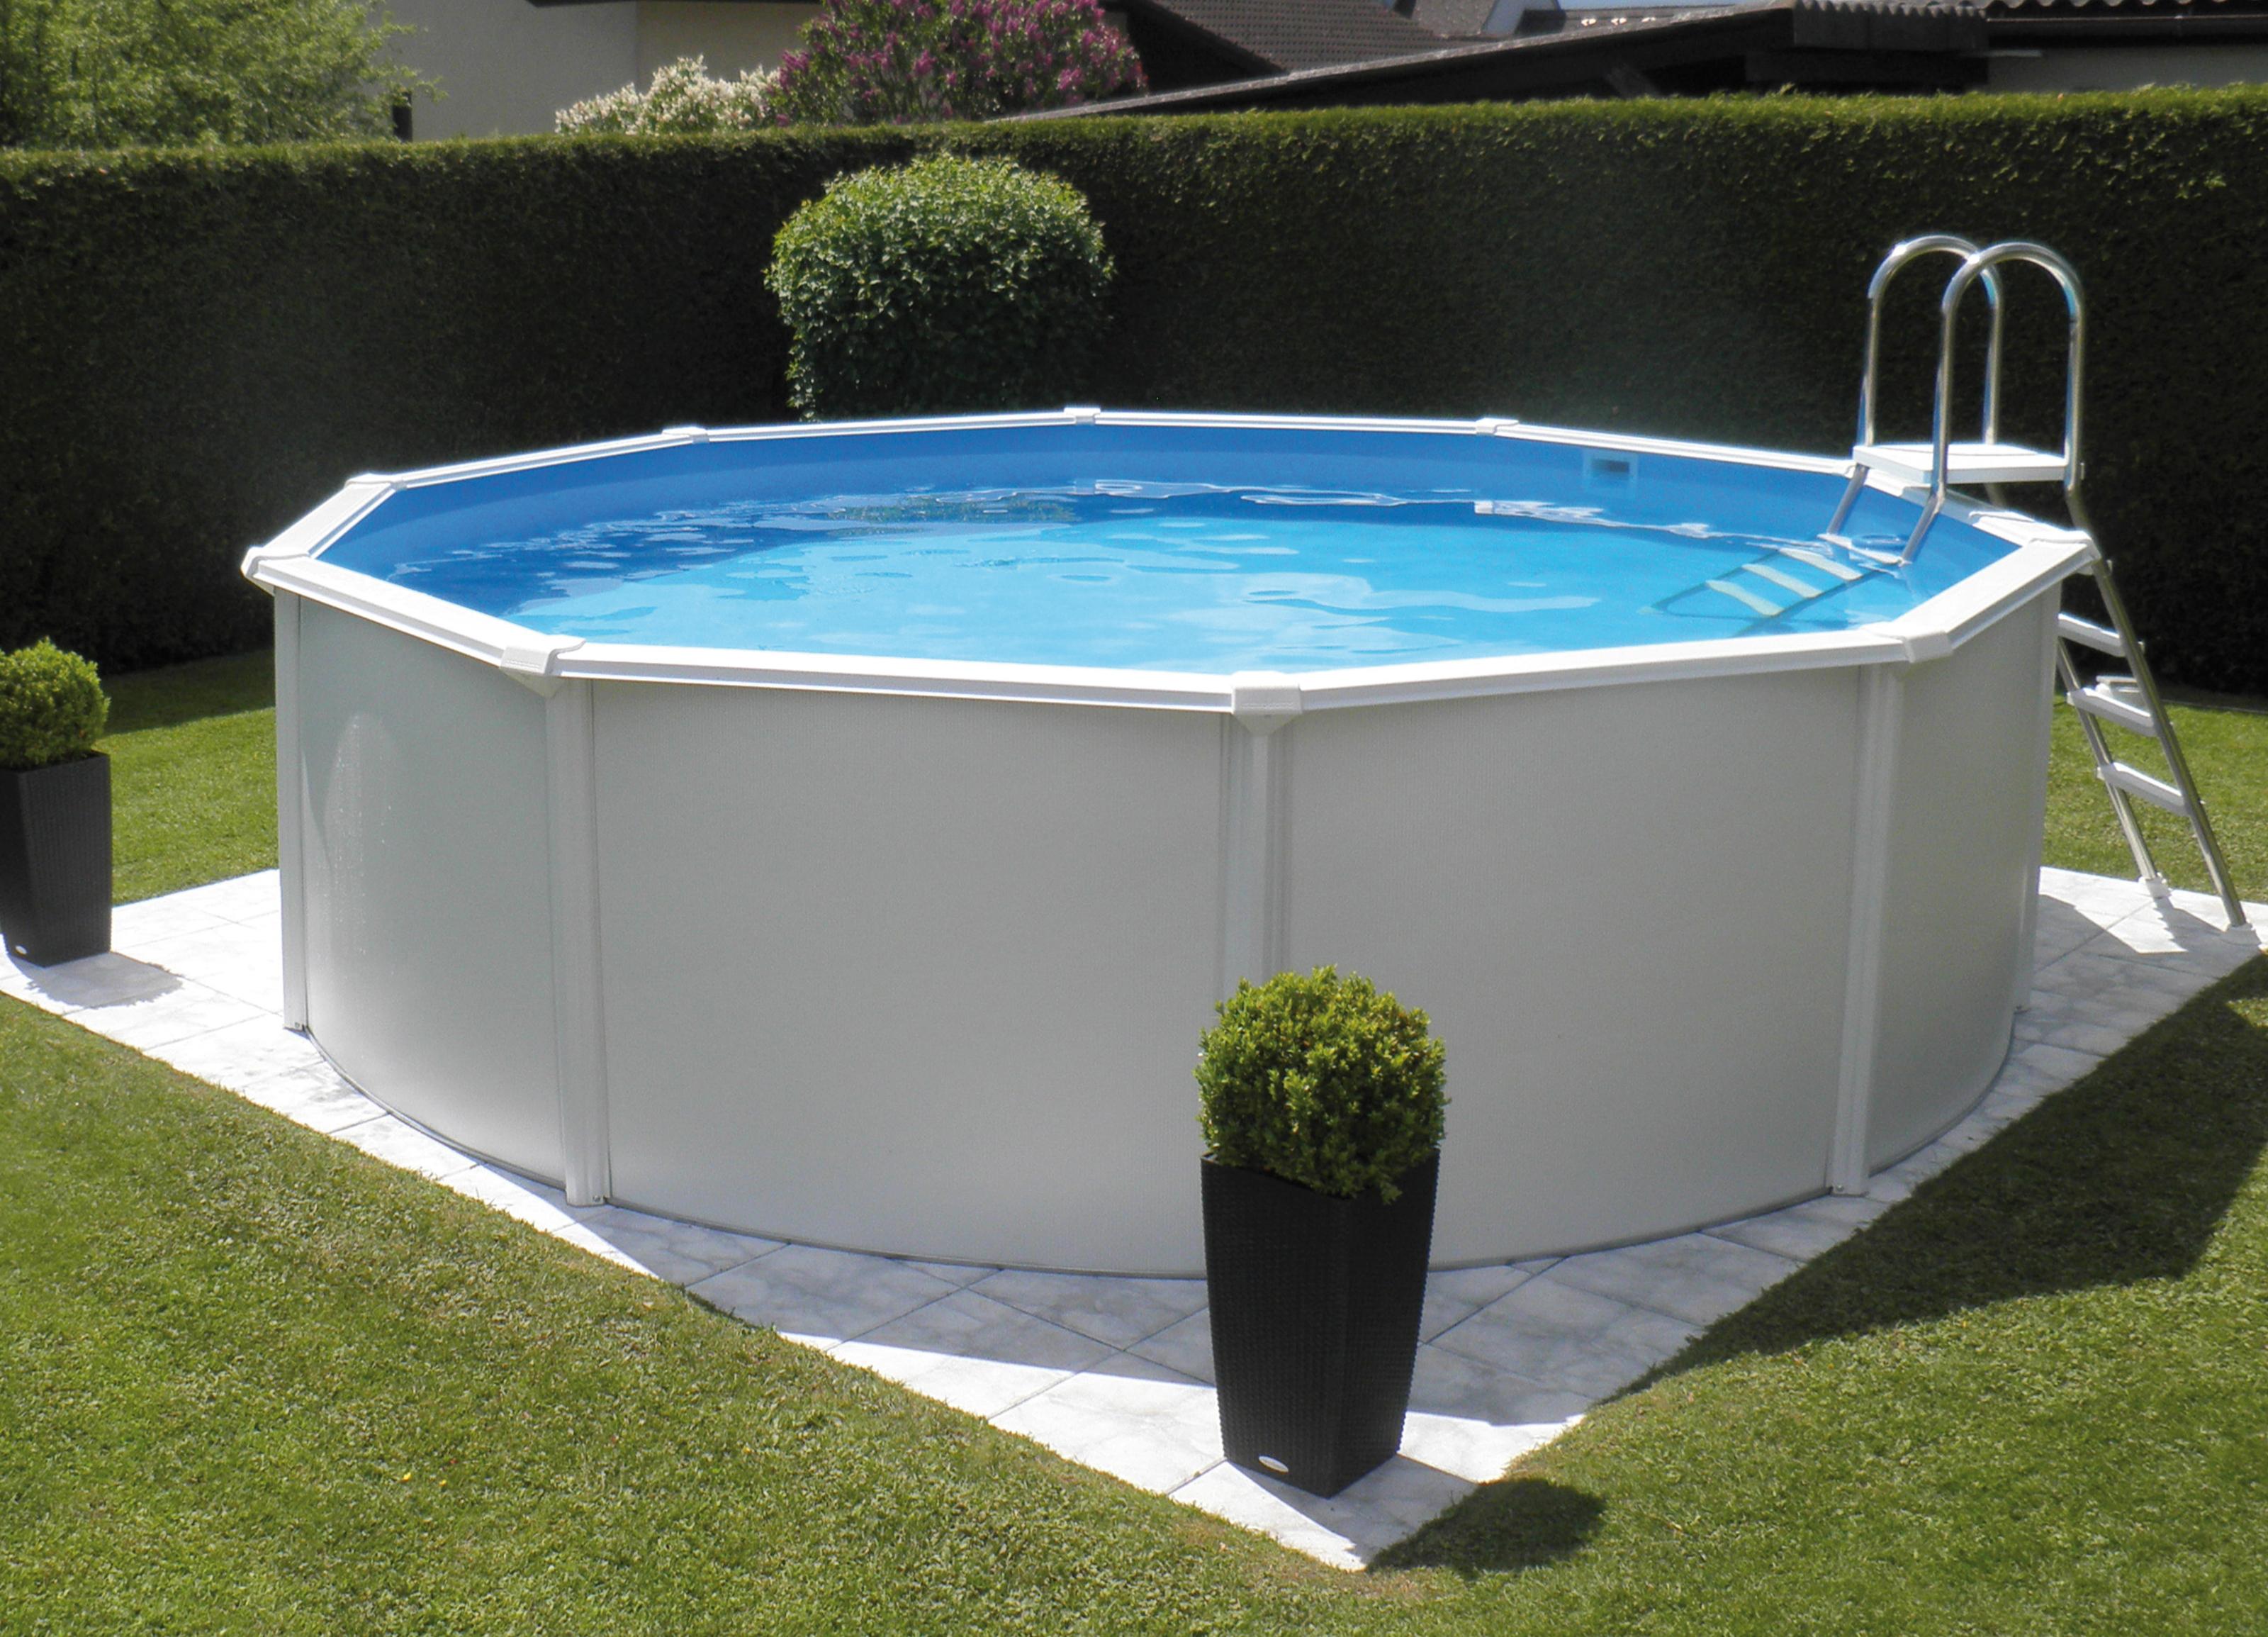 Steirerbecken pool 3 6x132m supreme de luxe rund 132 wei for Pool rund 3 60